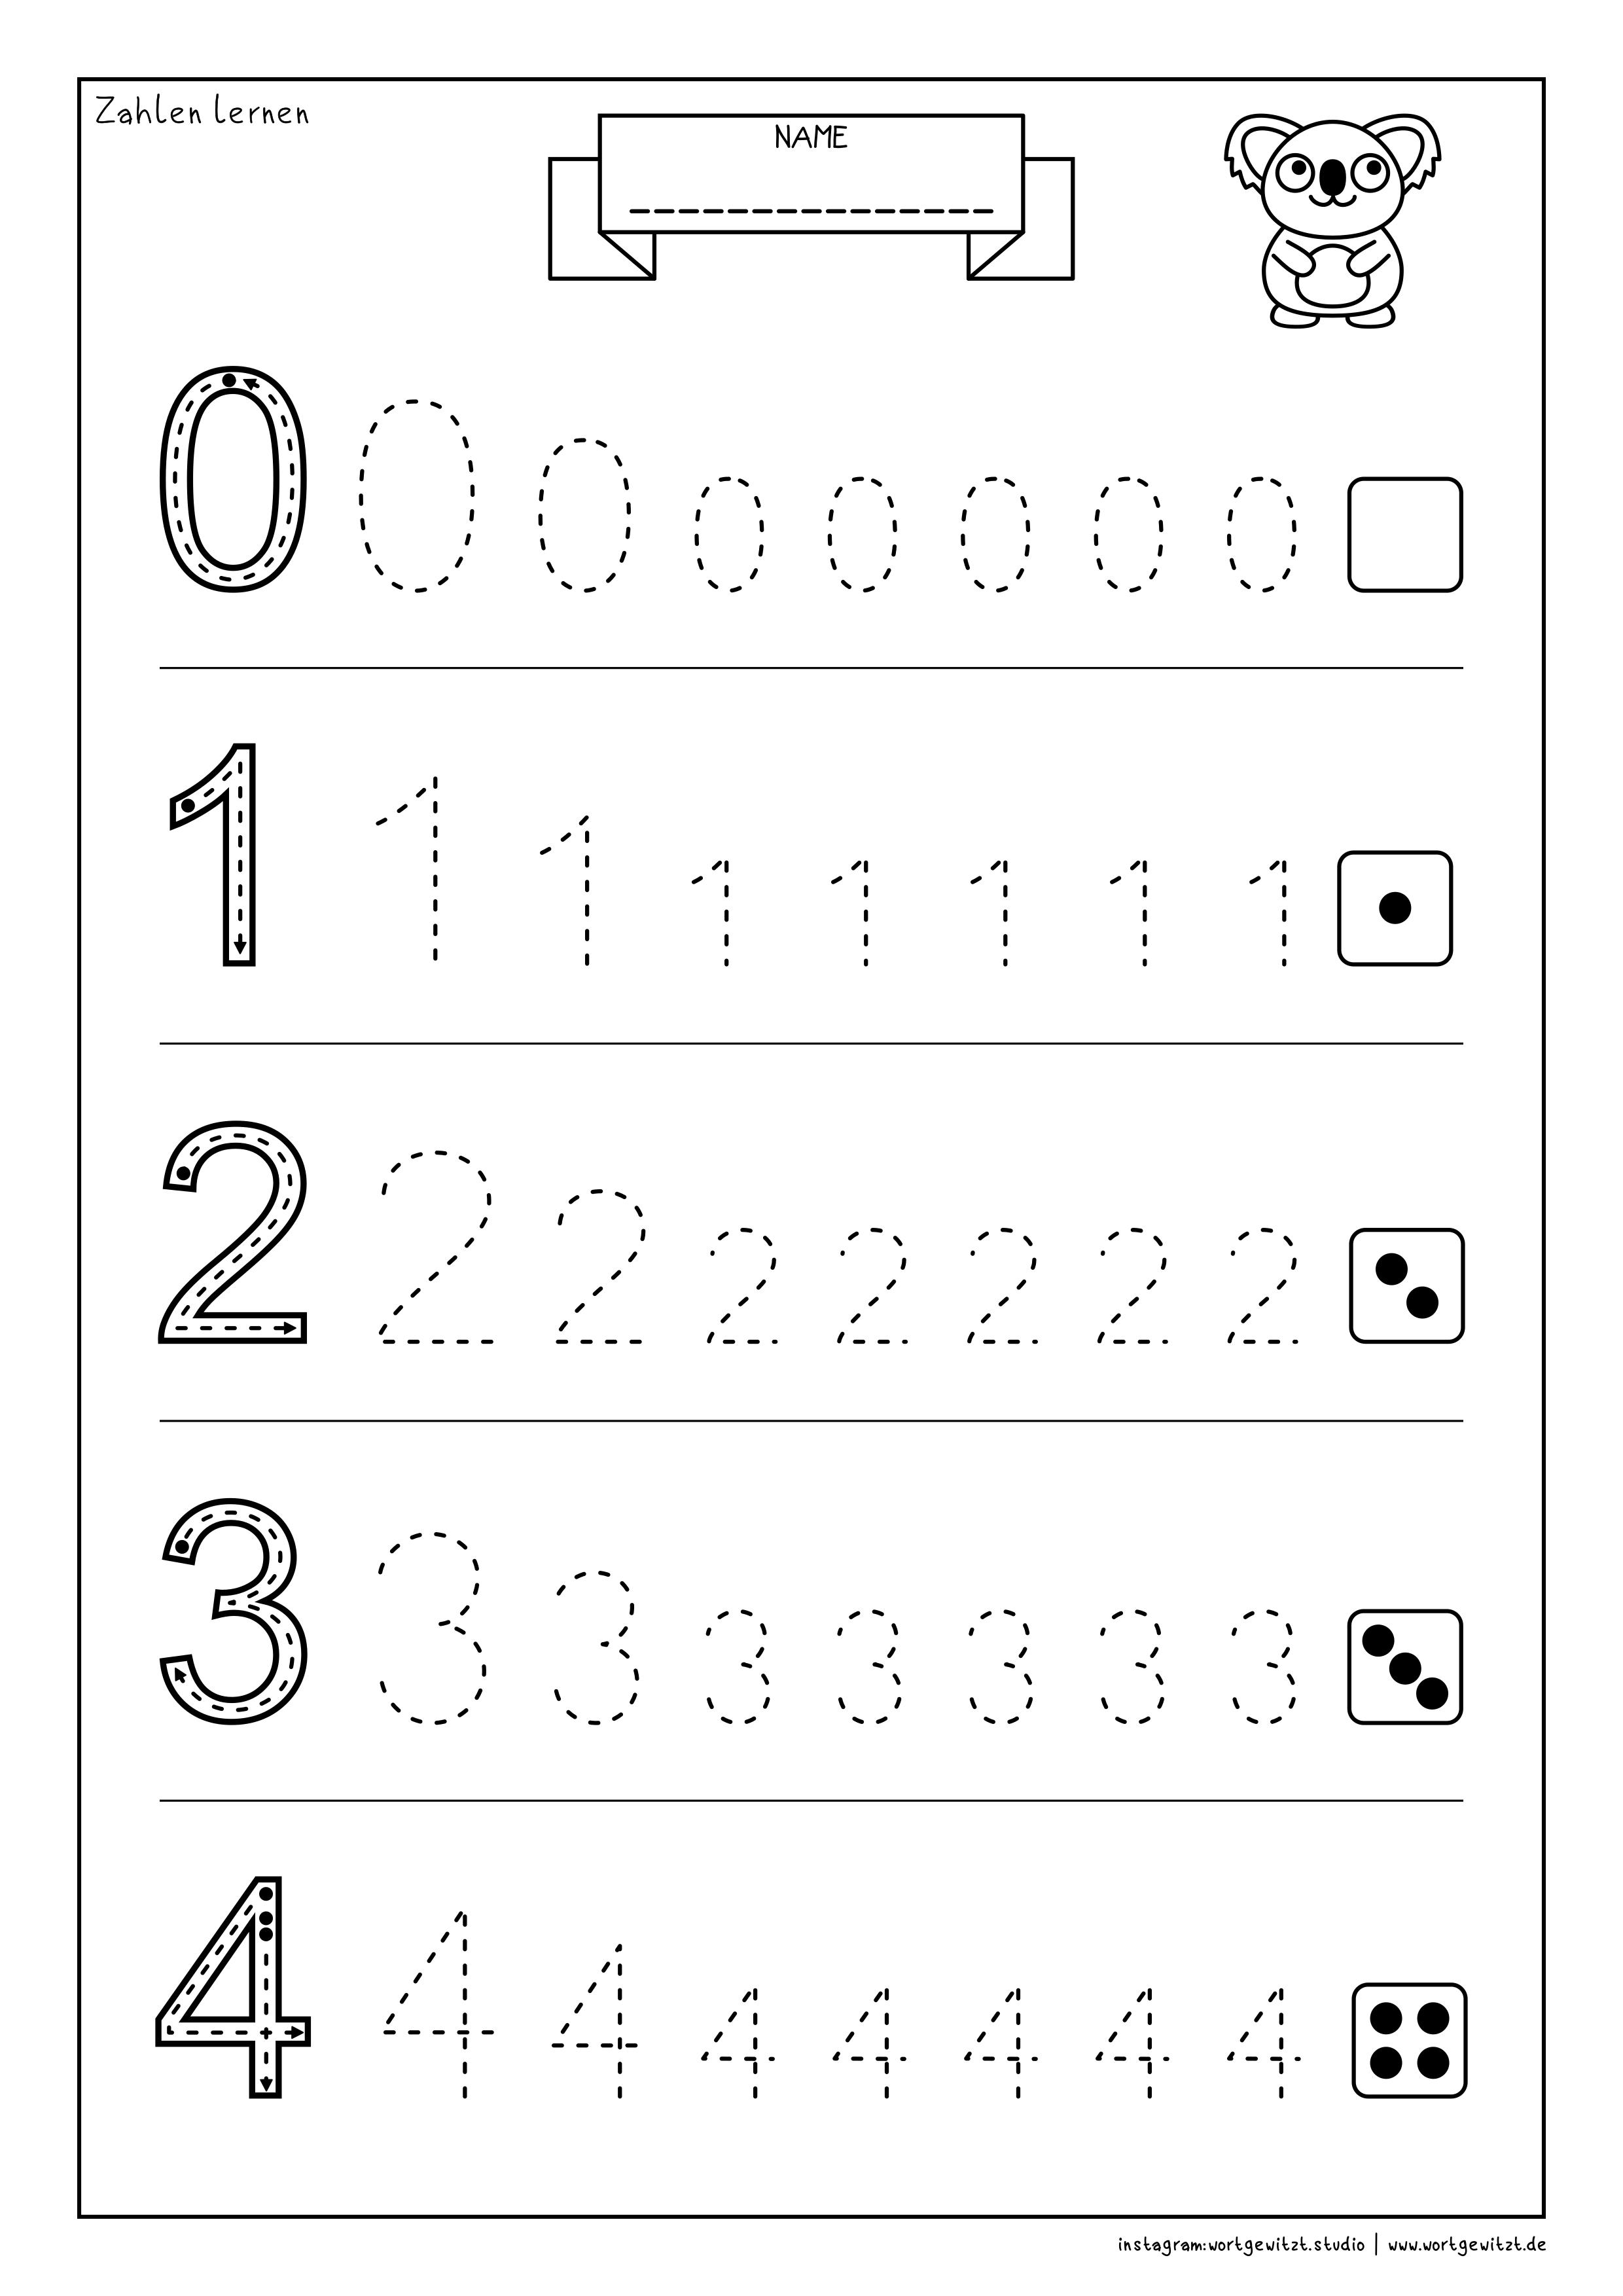 Arbeitsblatt Zahlen Lernen Zahlen Lernen Vorschule Arbeitsblatter Zum Ausdrucken Kostenlose Arbeitsblatter Zum Ausdrucken